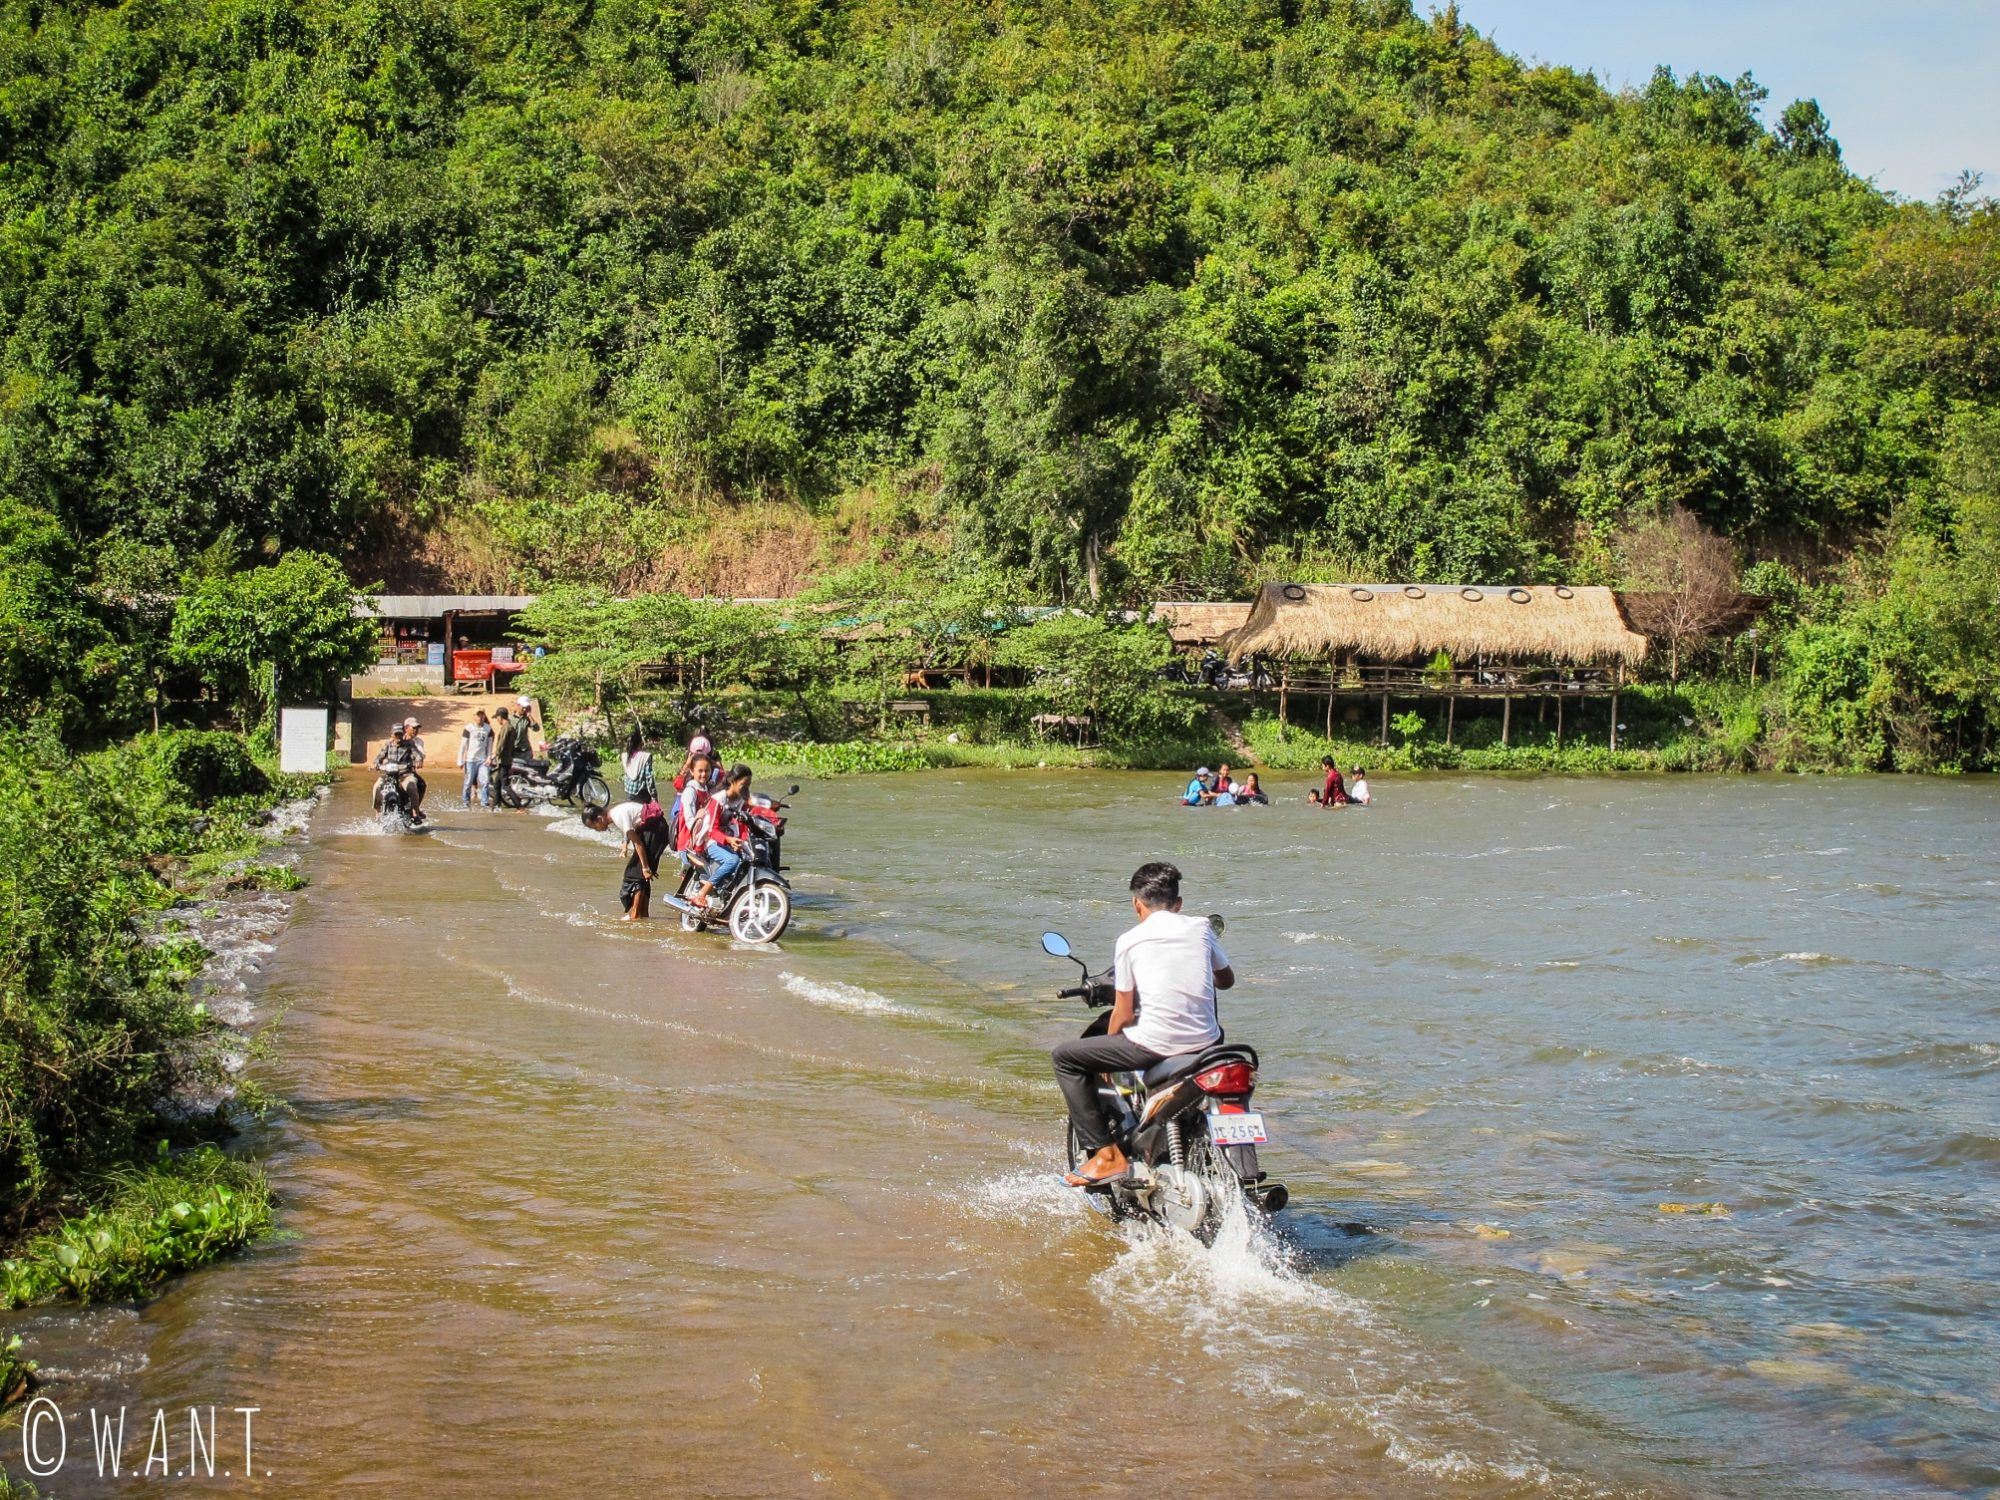 Les locaux viennent se baigner et laver leur scooter au Secret Lake près de Kampot